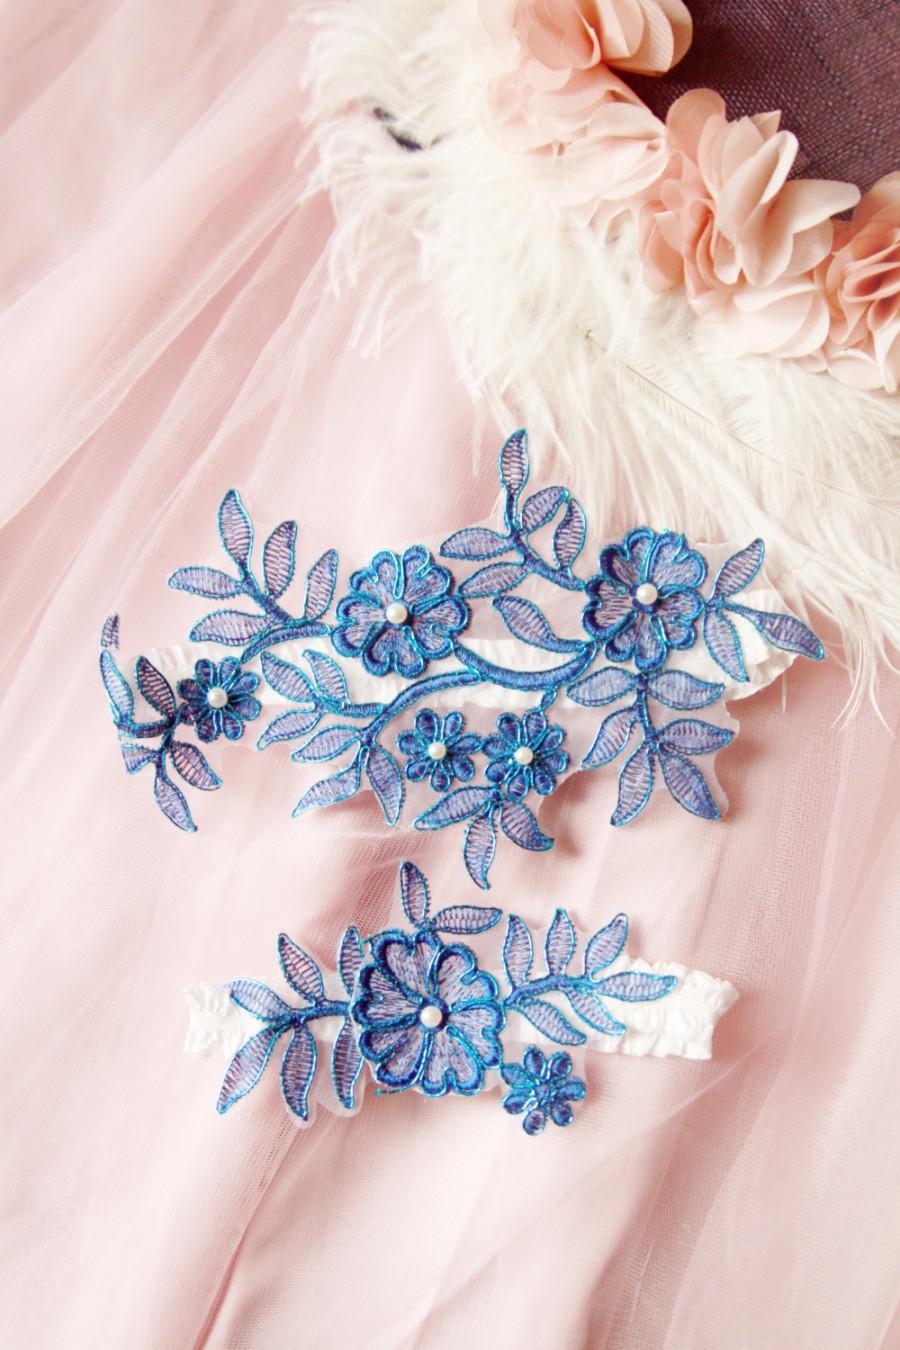 Hochzeit - Wedding Garters Bridal Garter Set - Electric Blue Garter Lace Garter - Rustic Bohemian Wedding Toss Garter - Vintage Inspired Lace Garter